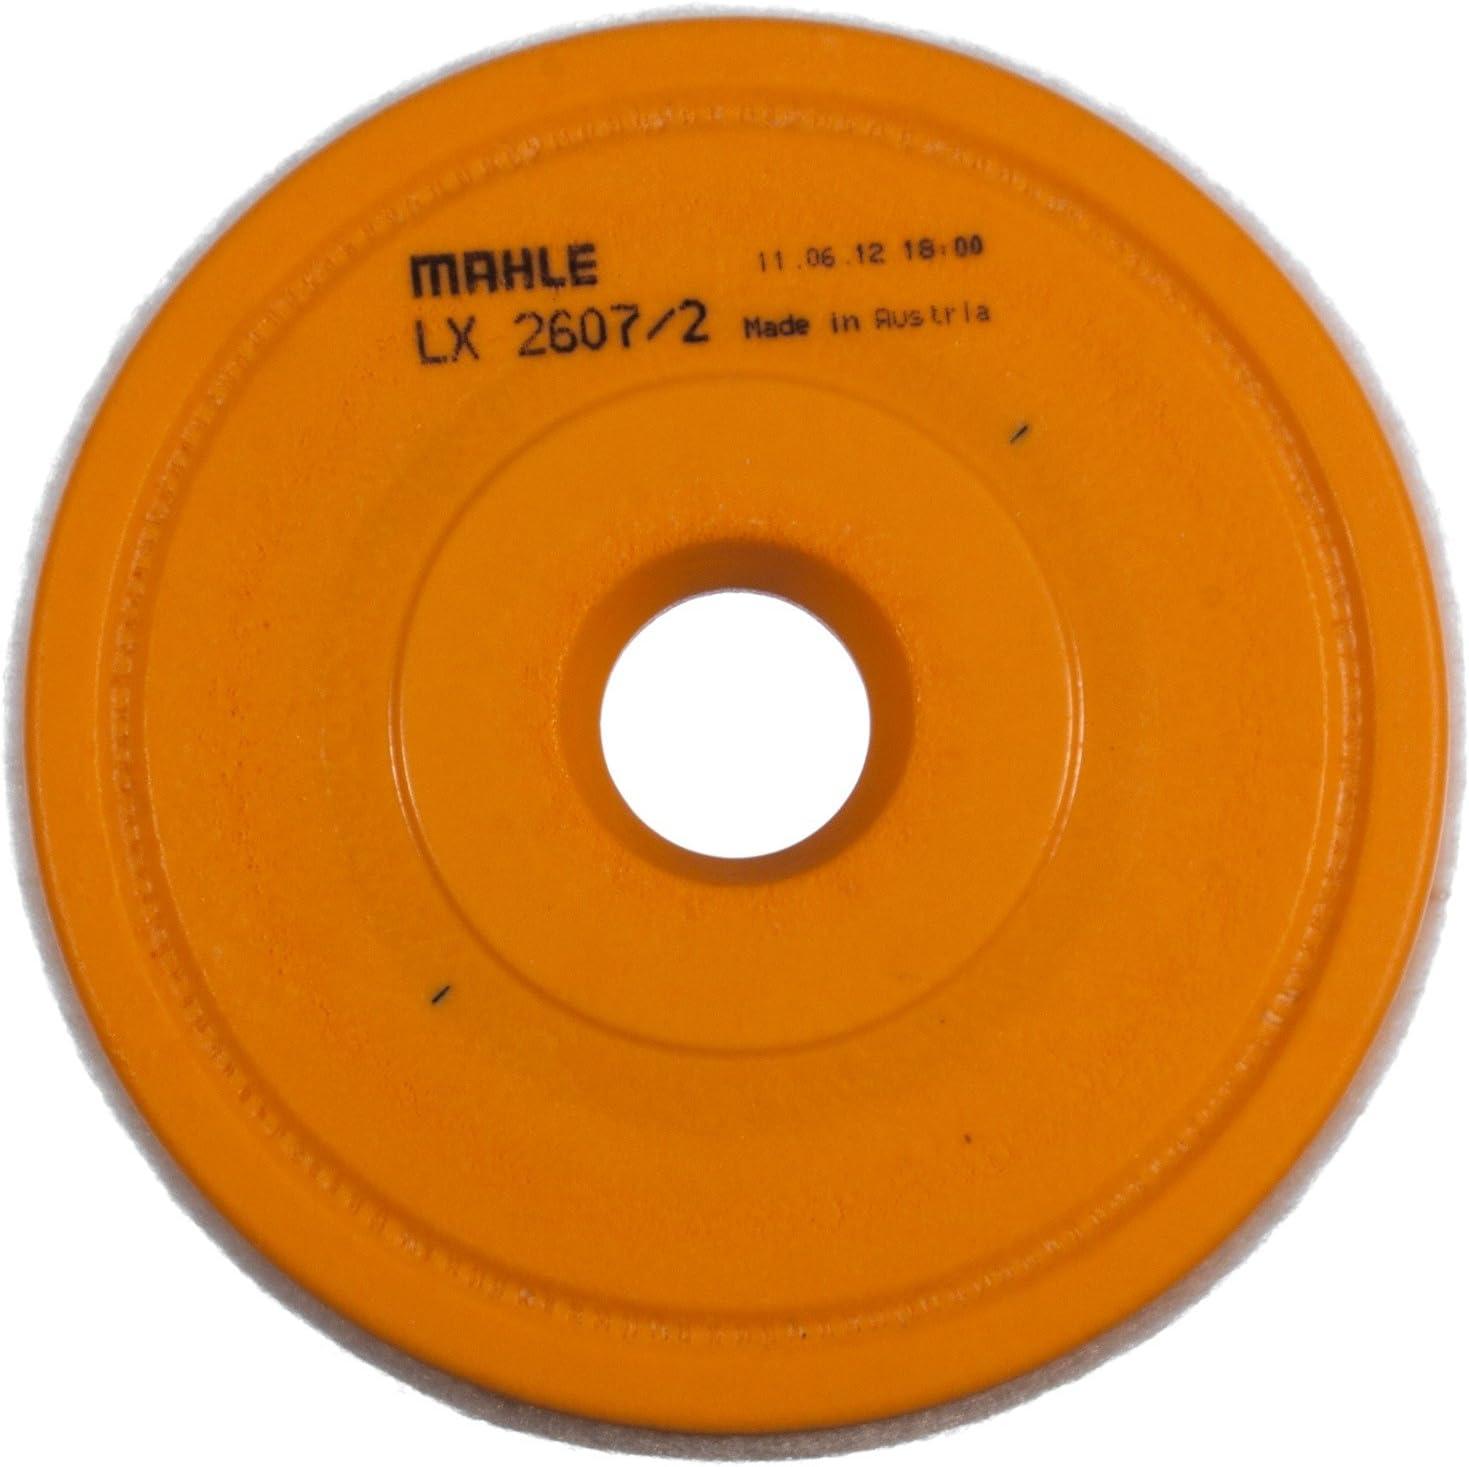 Mahle Knecht Filter LX2607//2 Luftfilter